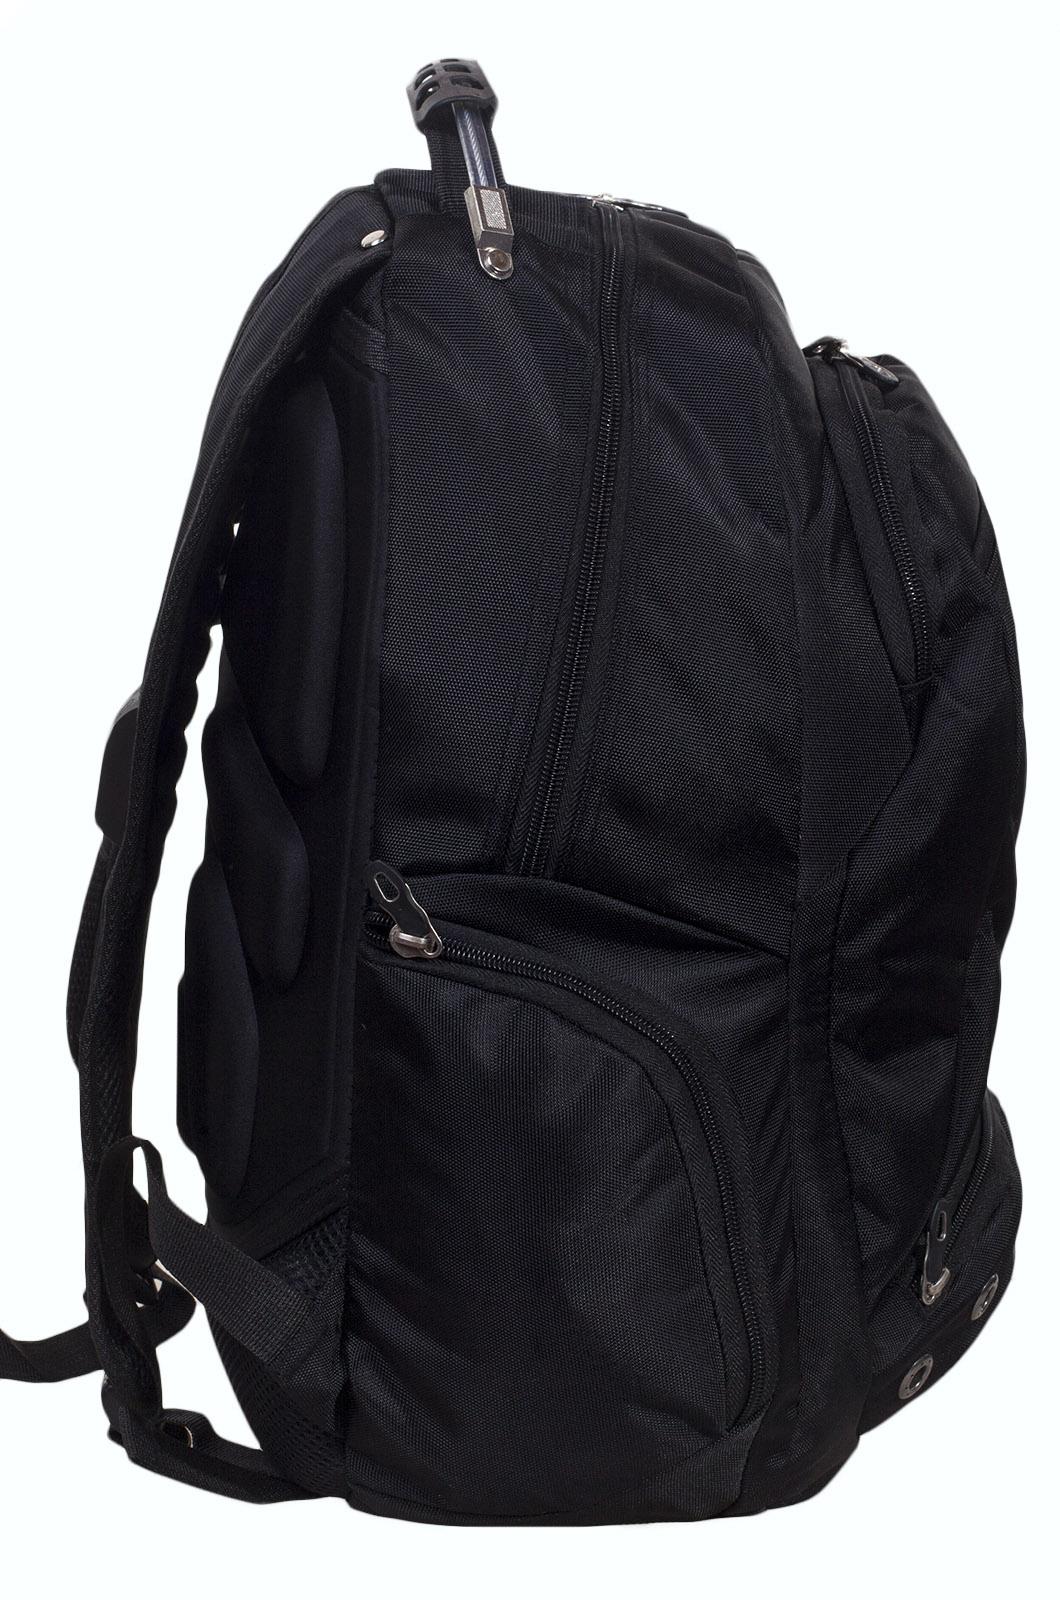 Заказать стильный городской рюкзак с шевроном Пограничной службы